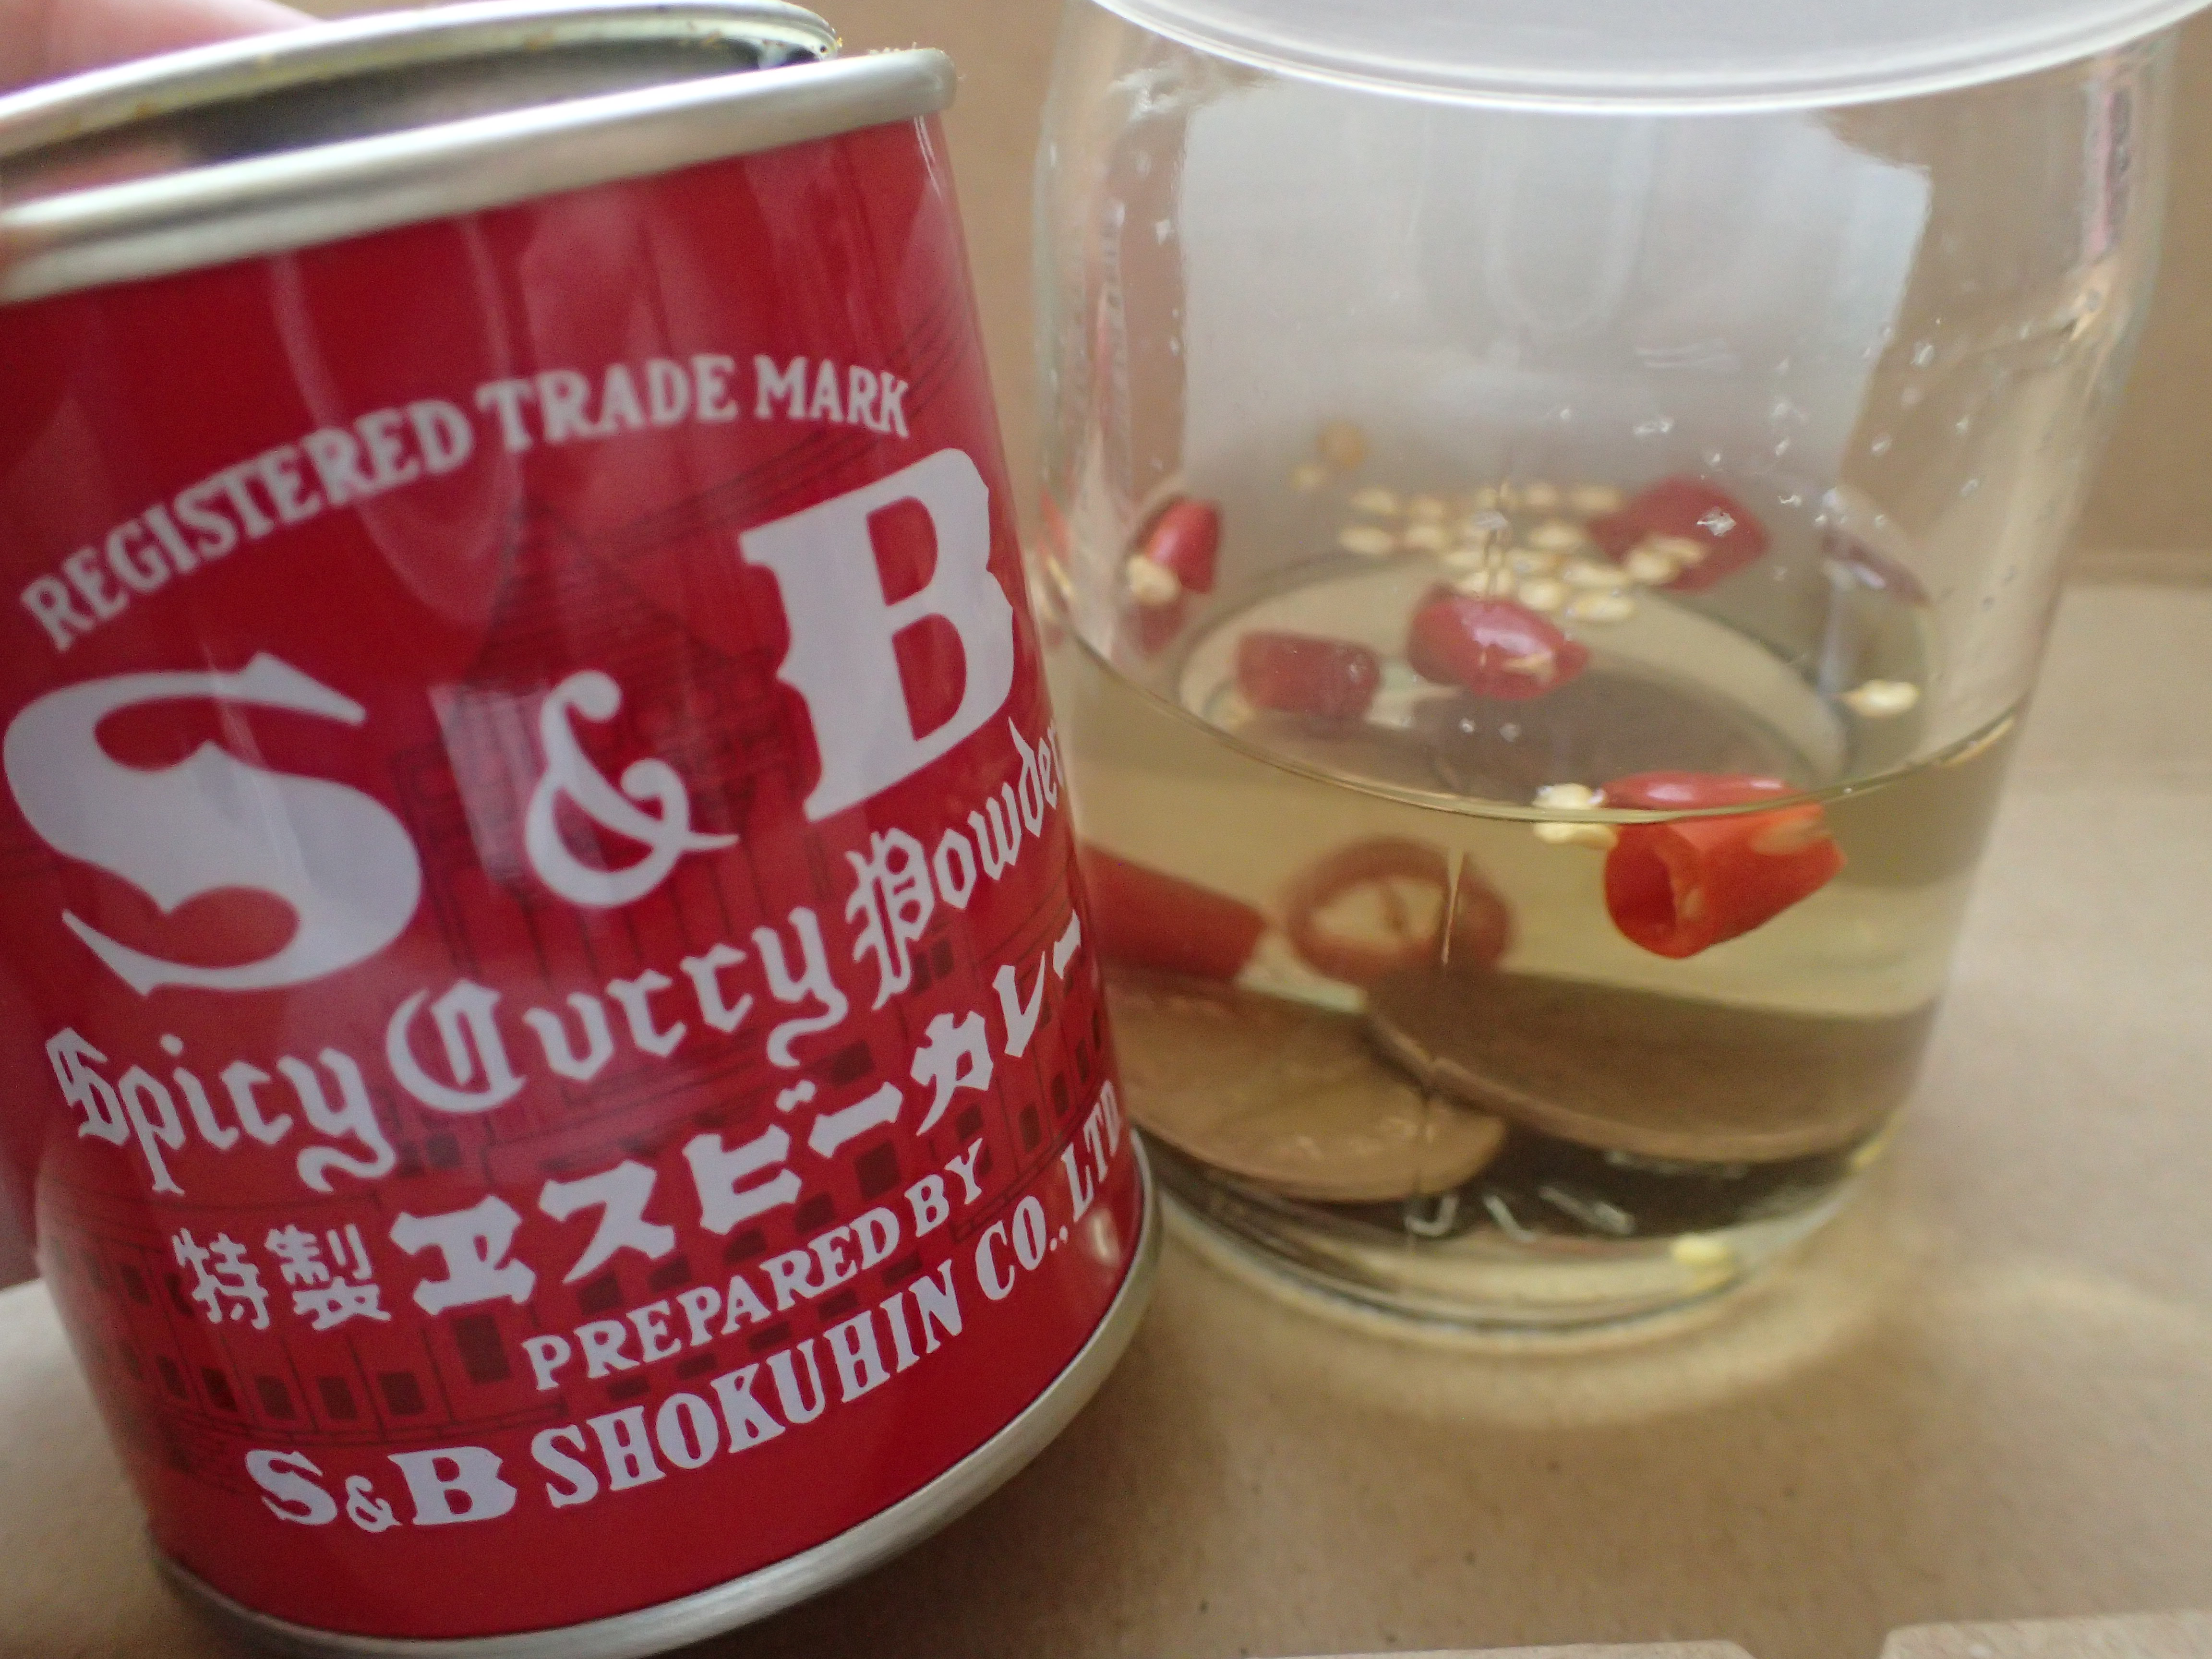 10円銅貨・唐辛子を投入した容器にカレー粉の投入を試みる